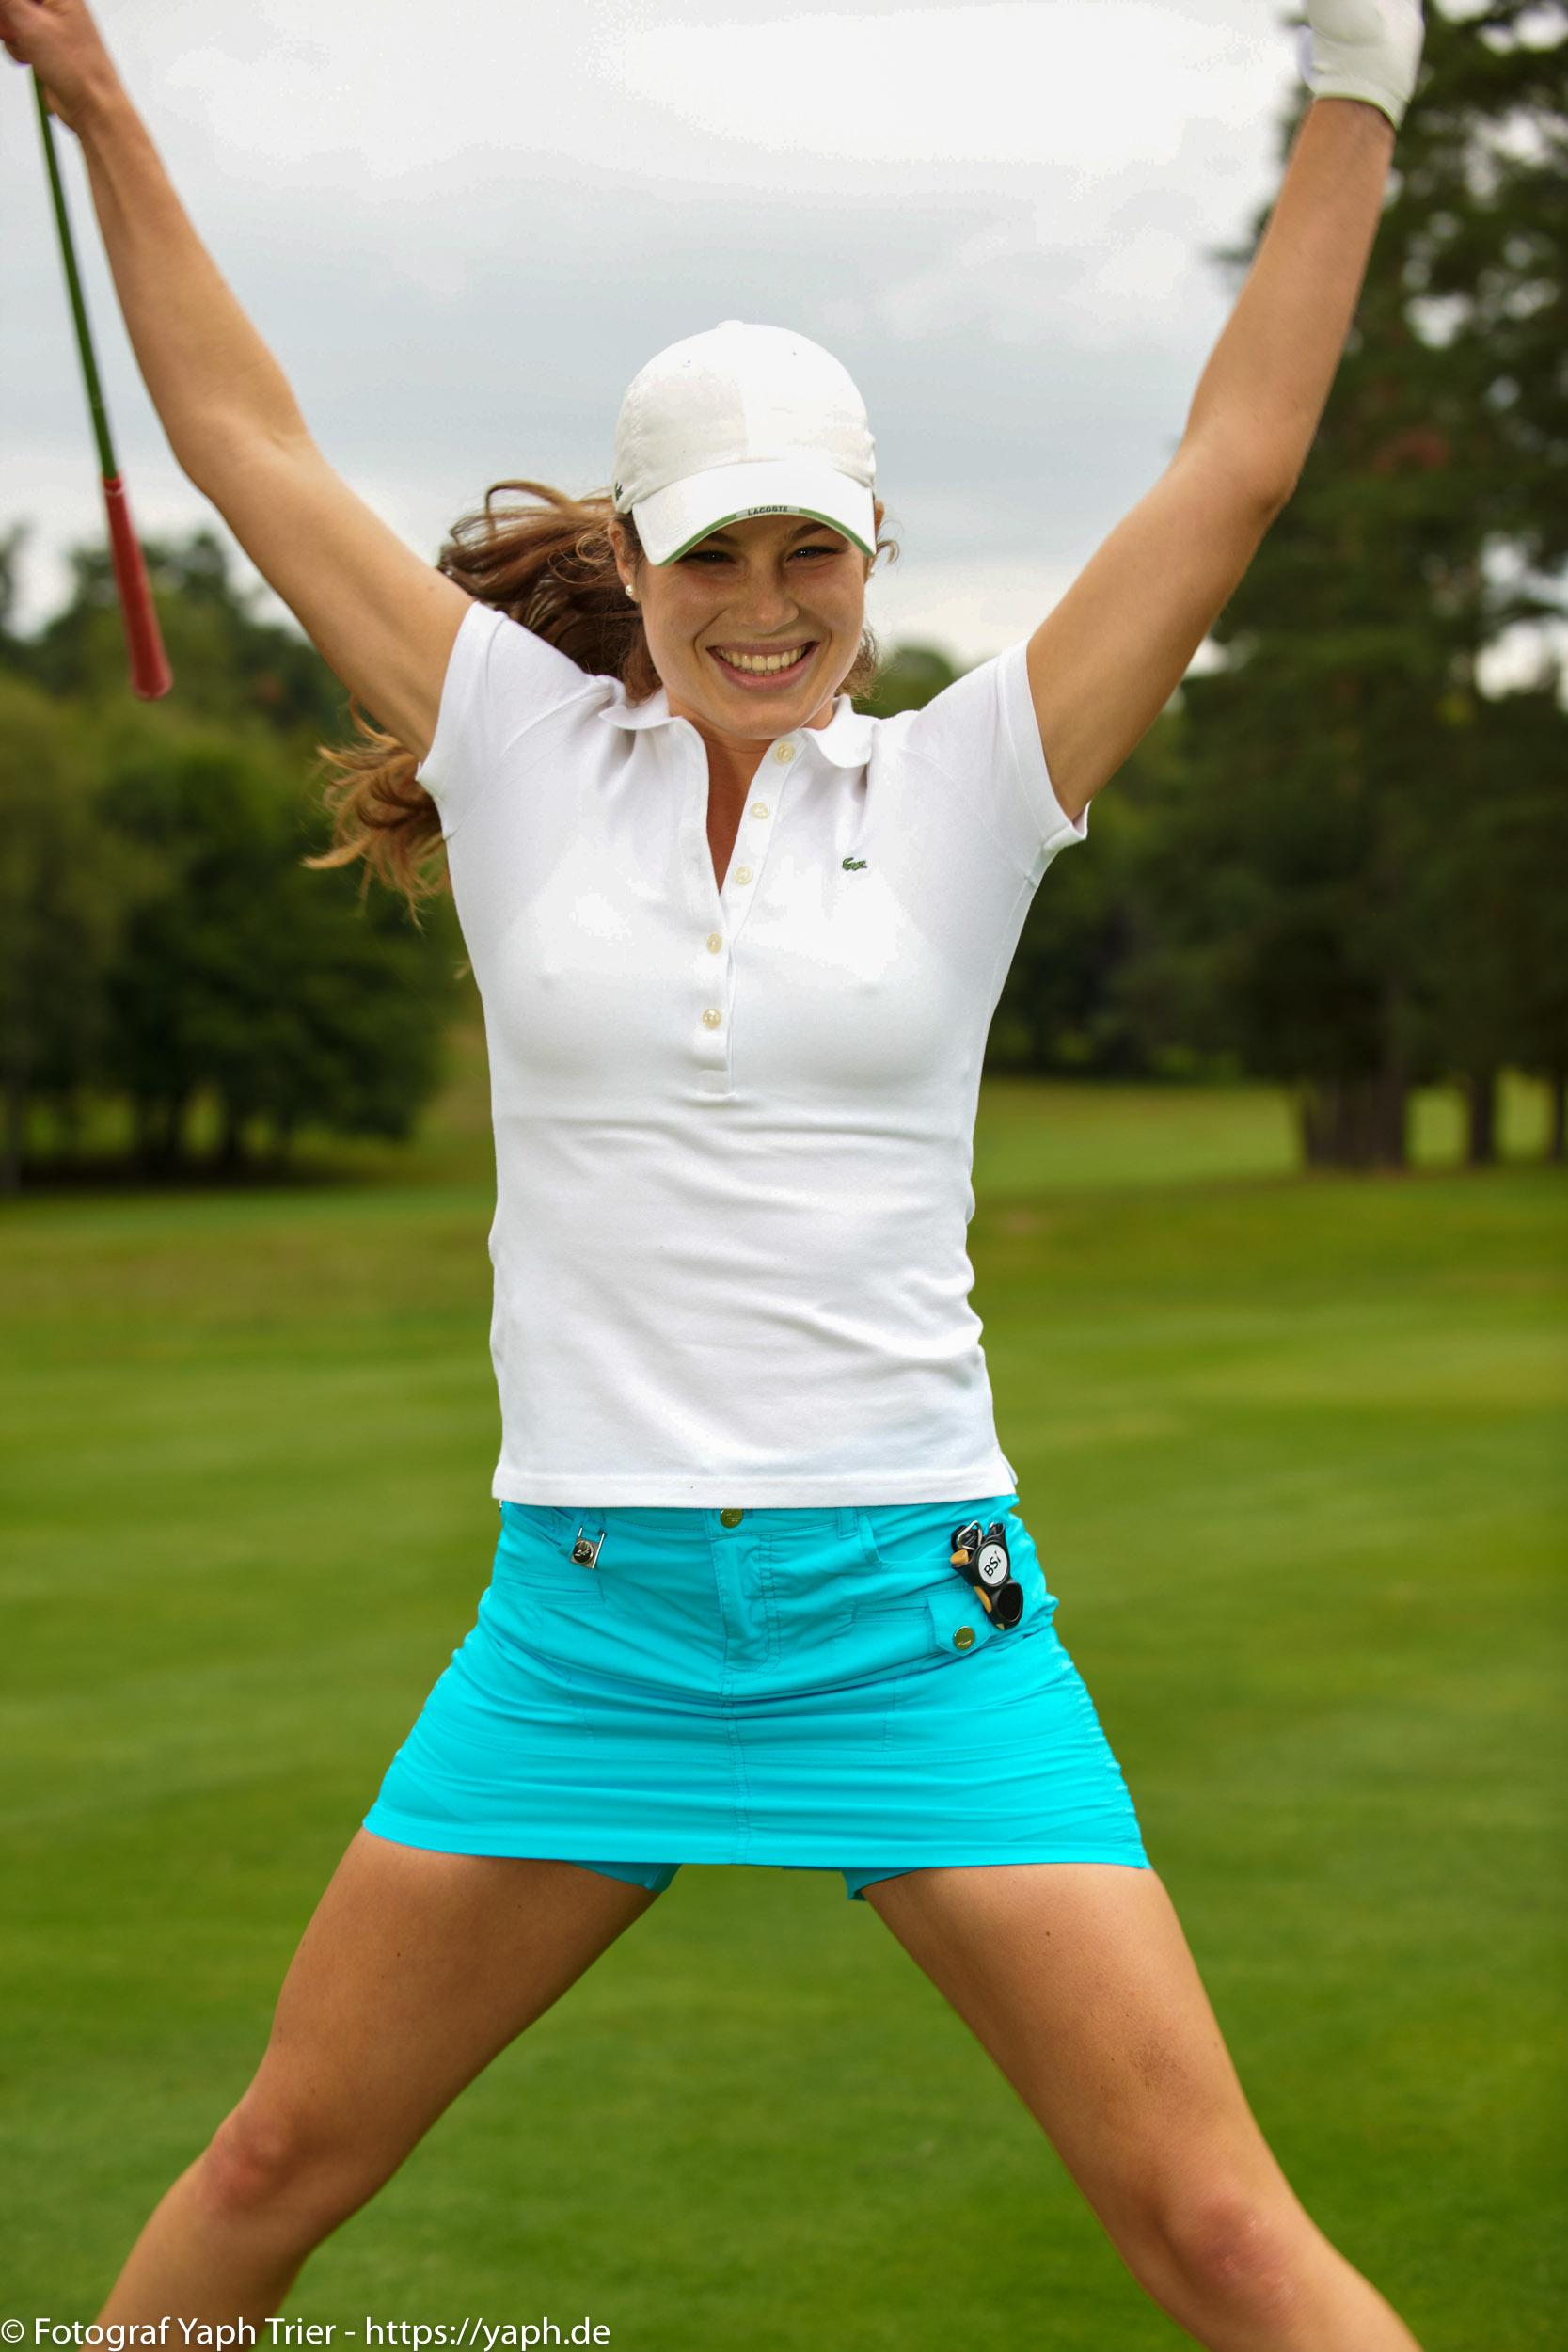 Liebelei Elena Lawrence - luxemburger Golfspielerin bei Fotograf Yaph - 29